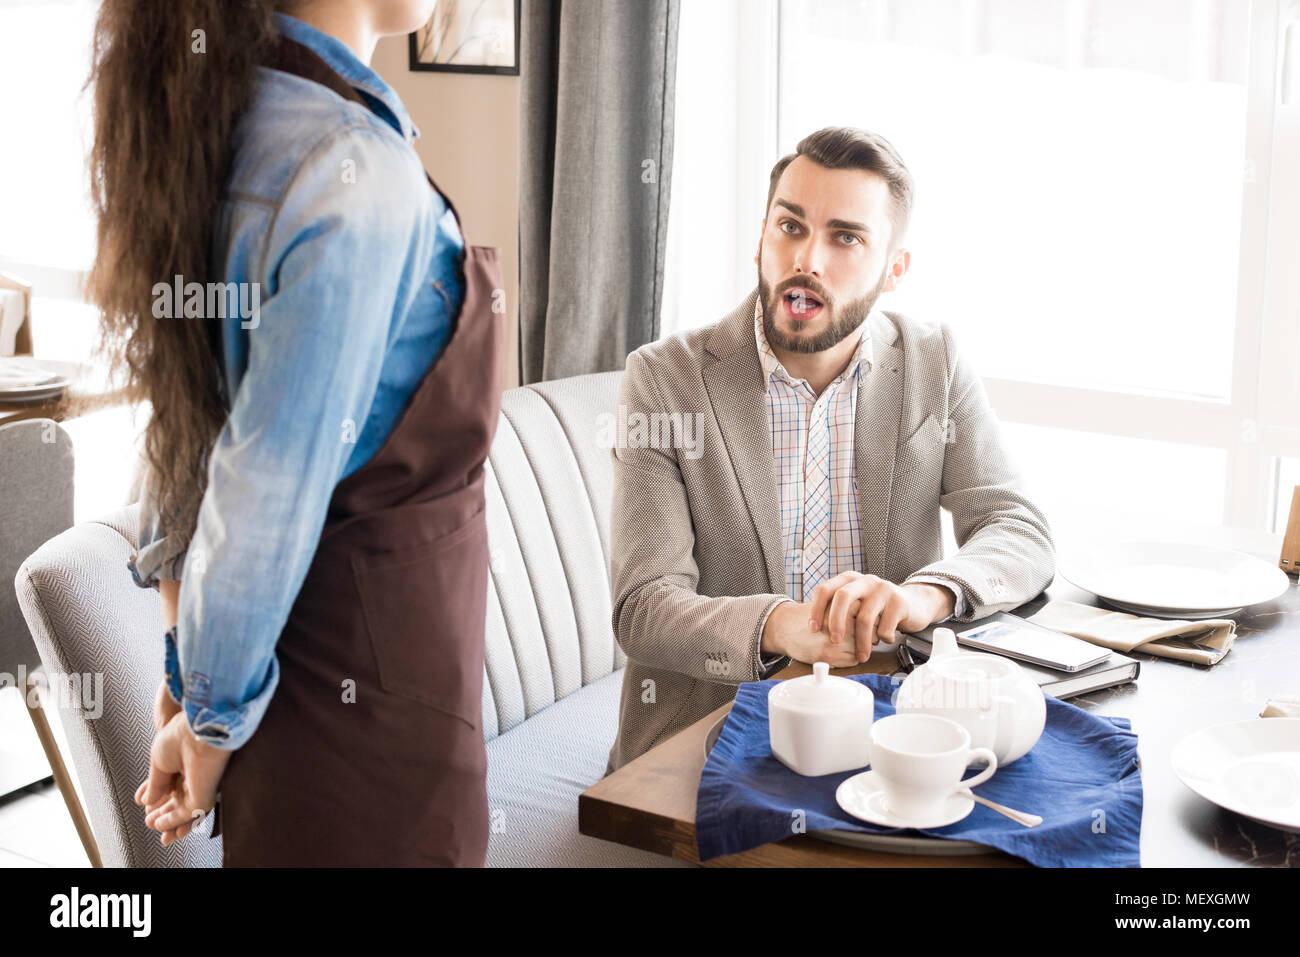 Pensativo preguntando al cliente camarera en el café Imagen De Stock